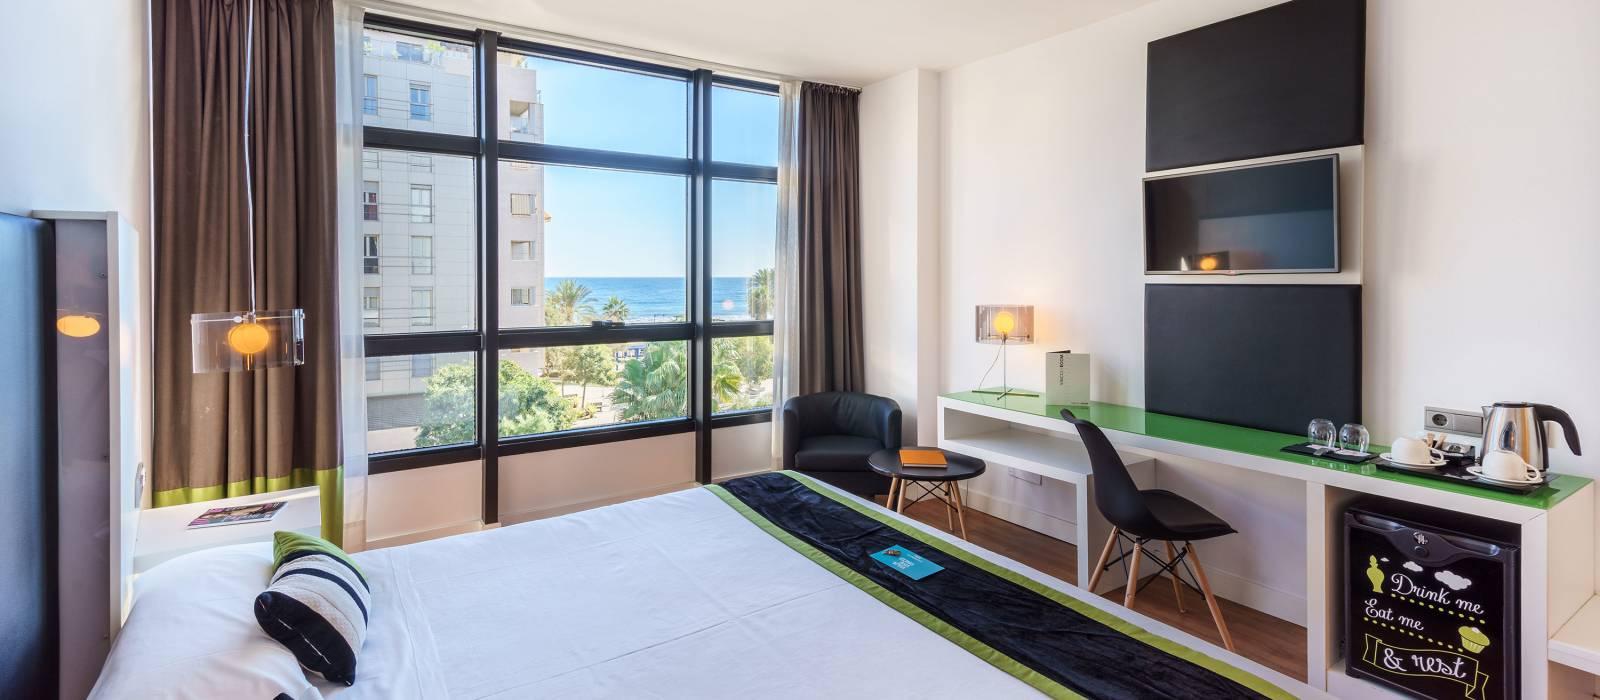 Chambre vue mer - Chambres Hôtel Malaga - Vincci Hoteles